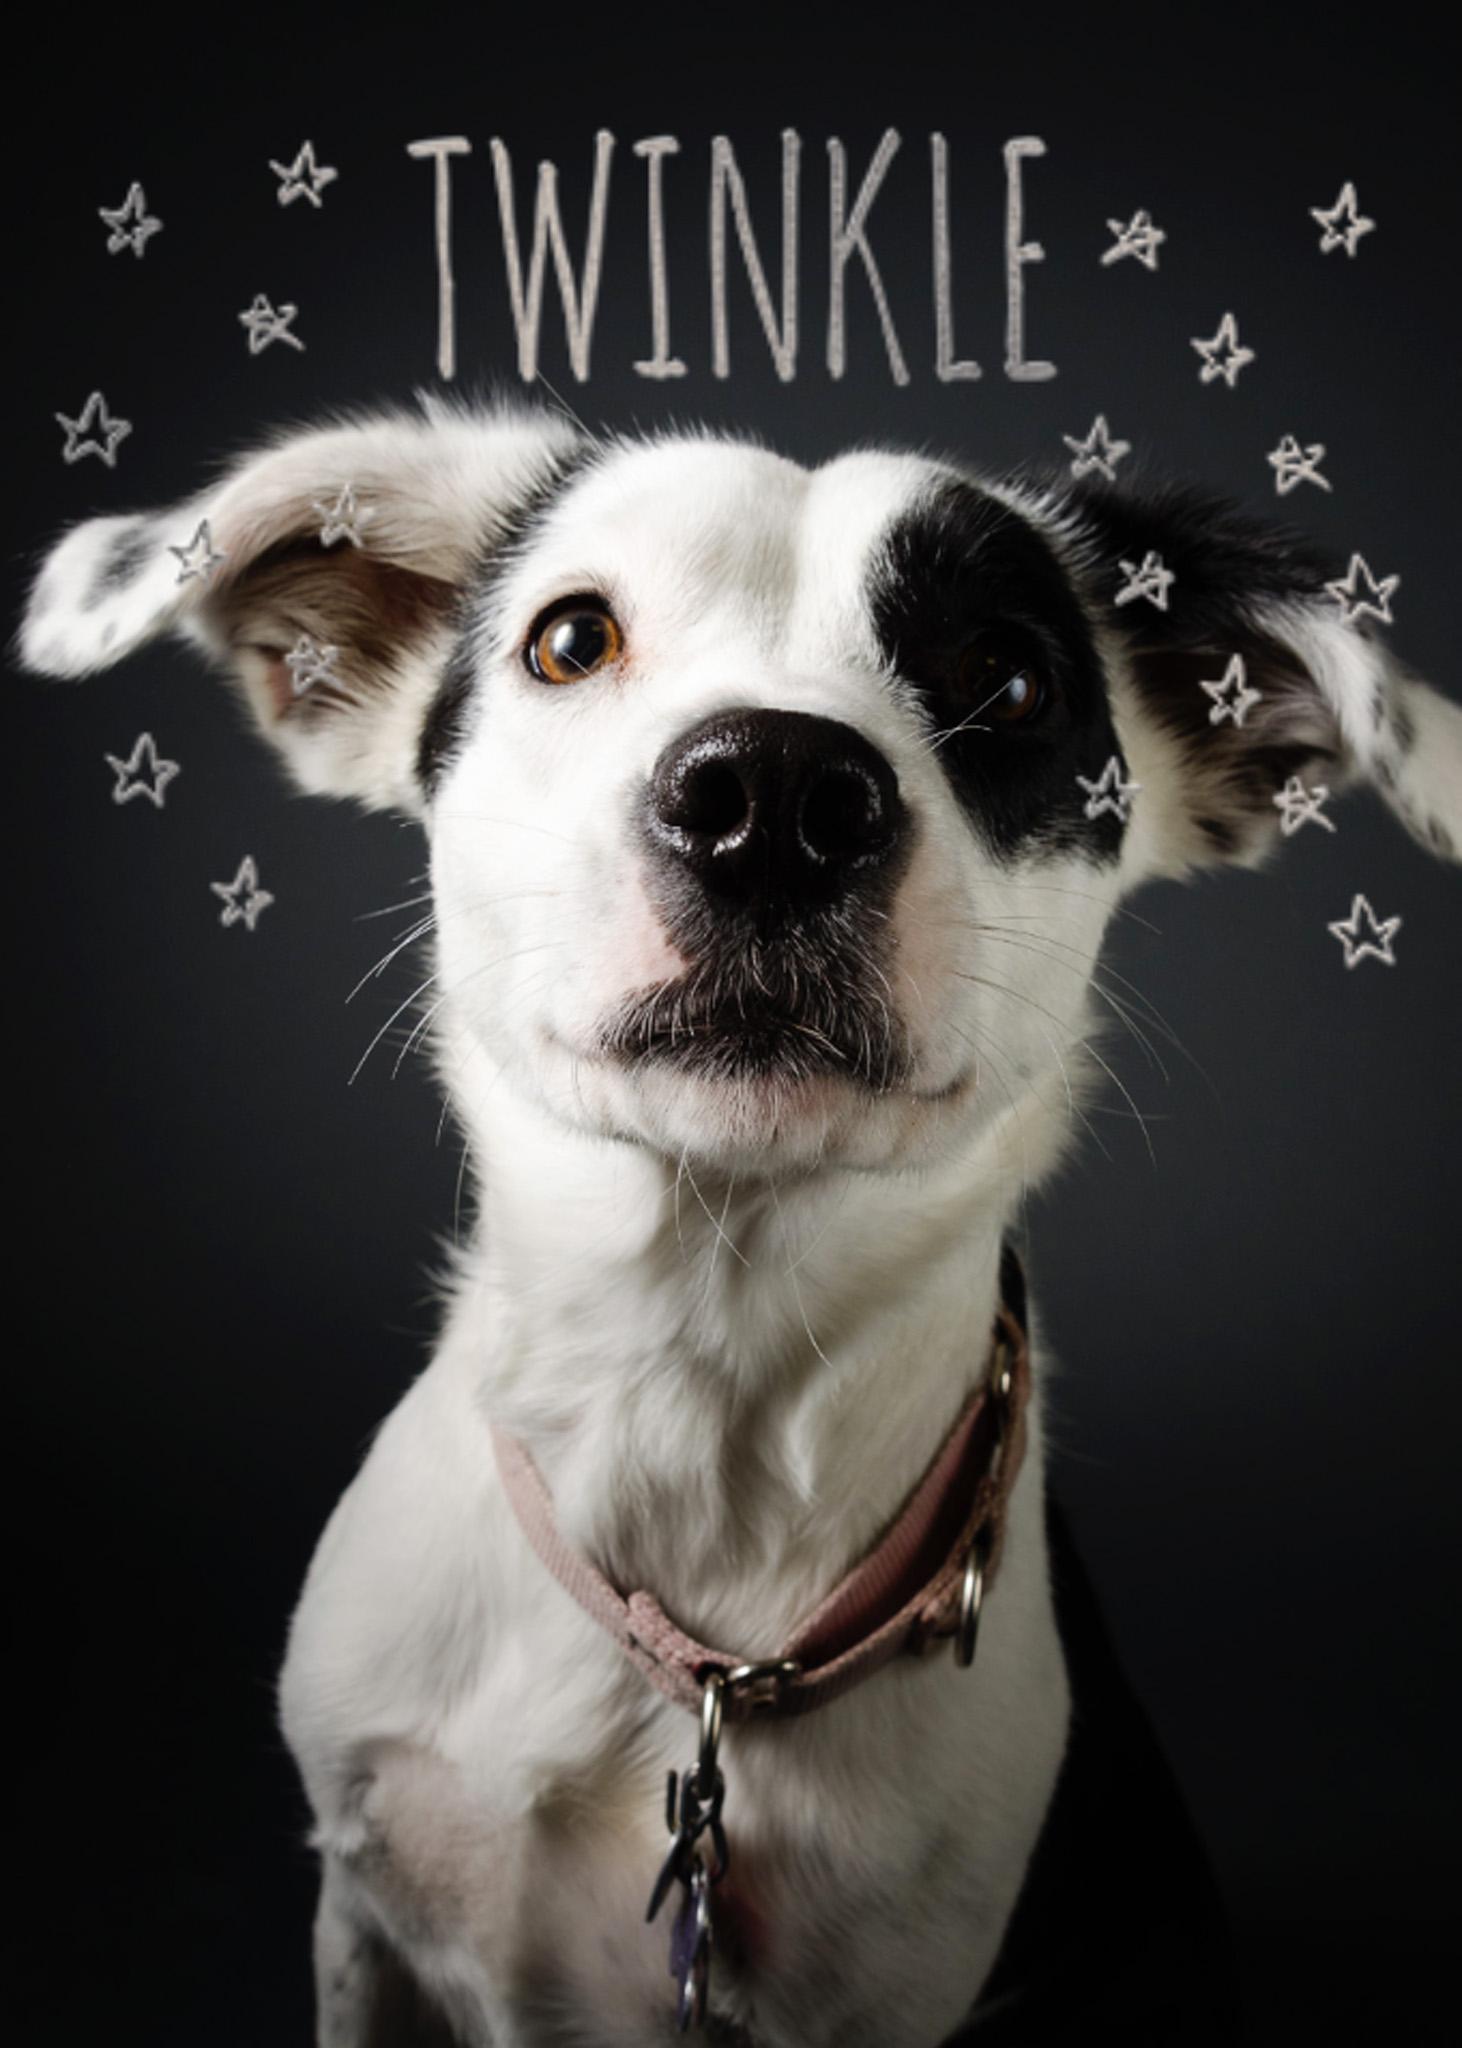 05-twinkle